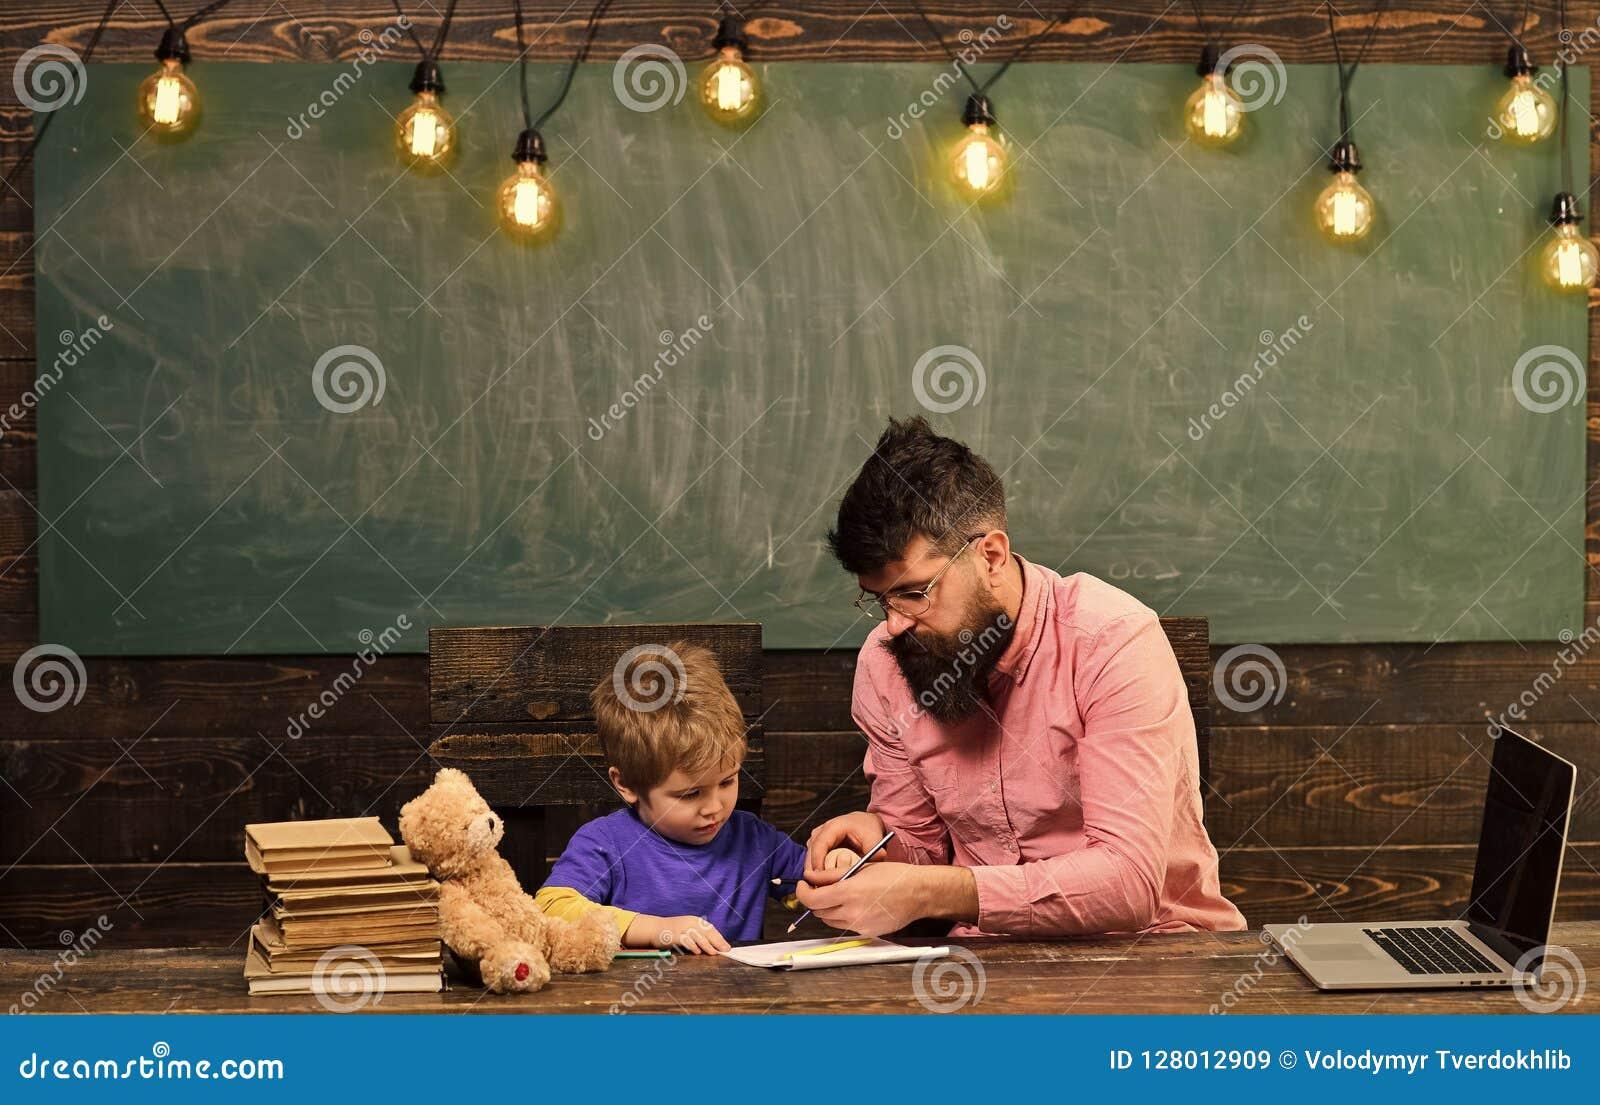 Uczeń z nauczycielem przy szkołą Adiunkta pomaga dzieciak pisać listach w copybook Mężczyzna i chłopiec siedzimy przy biurkiem z